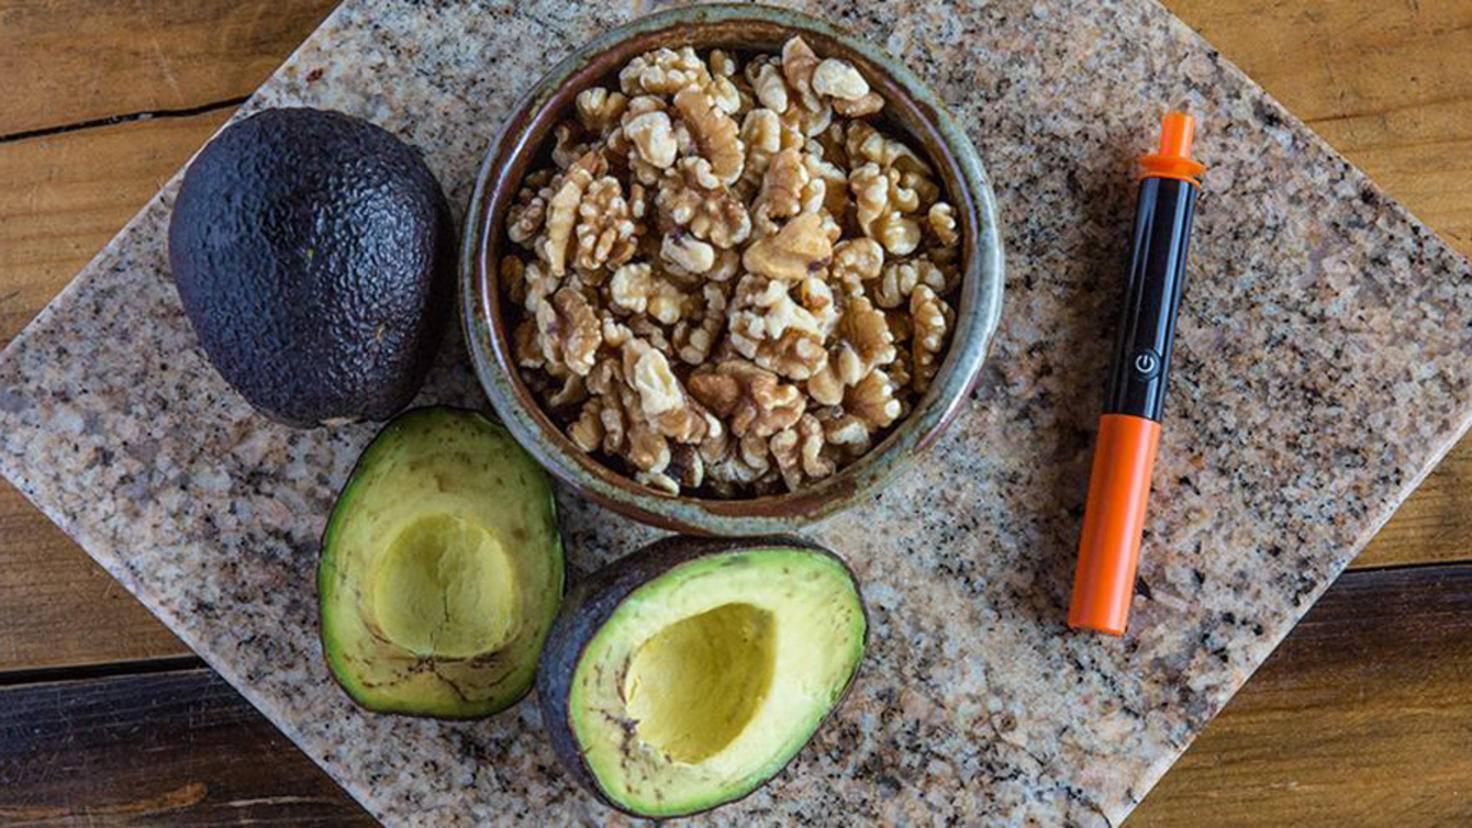 Avocados und Nüsse sind für die ketogene Diät ideal.